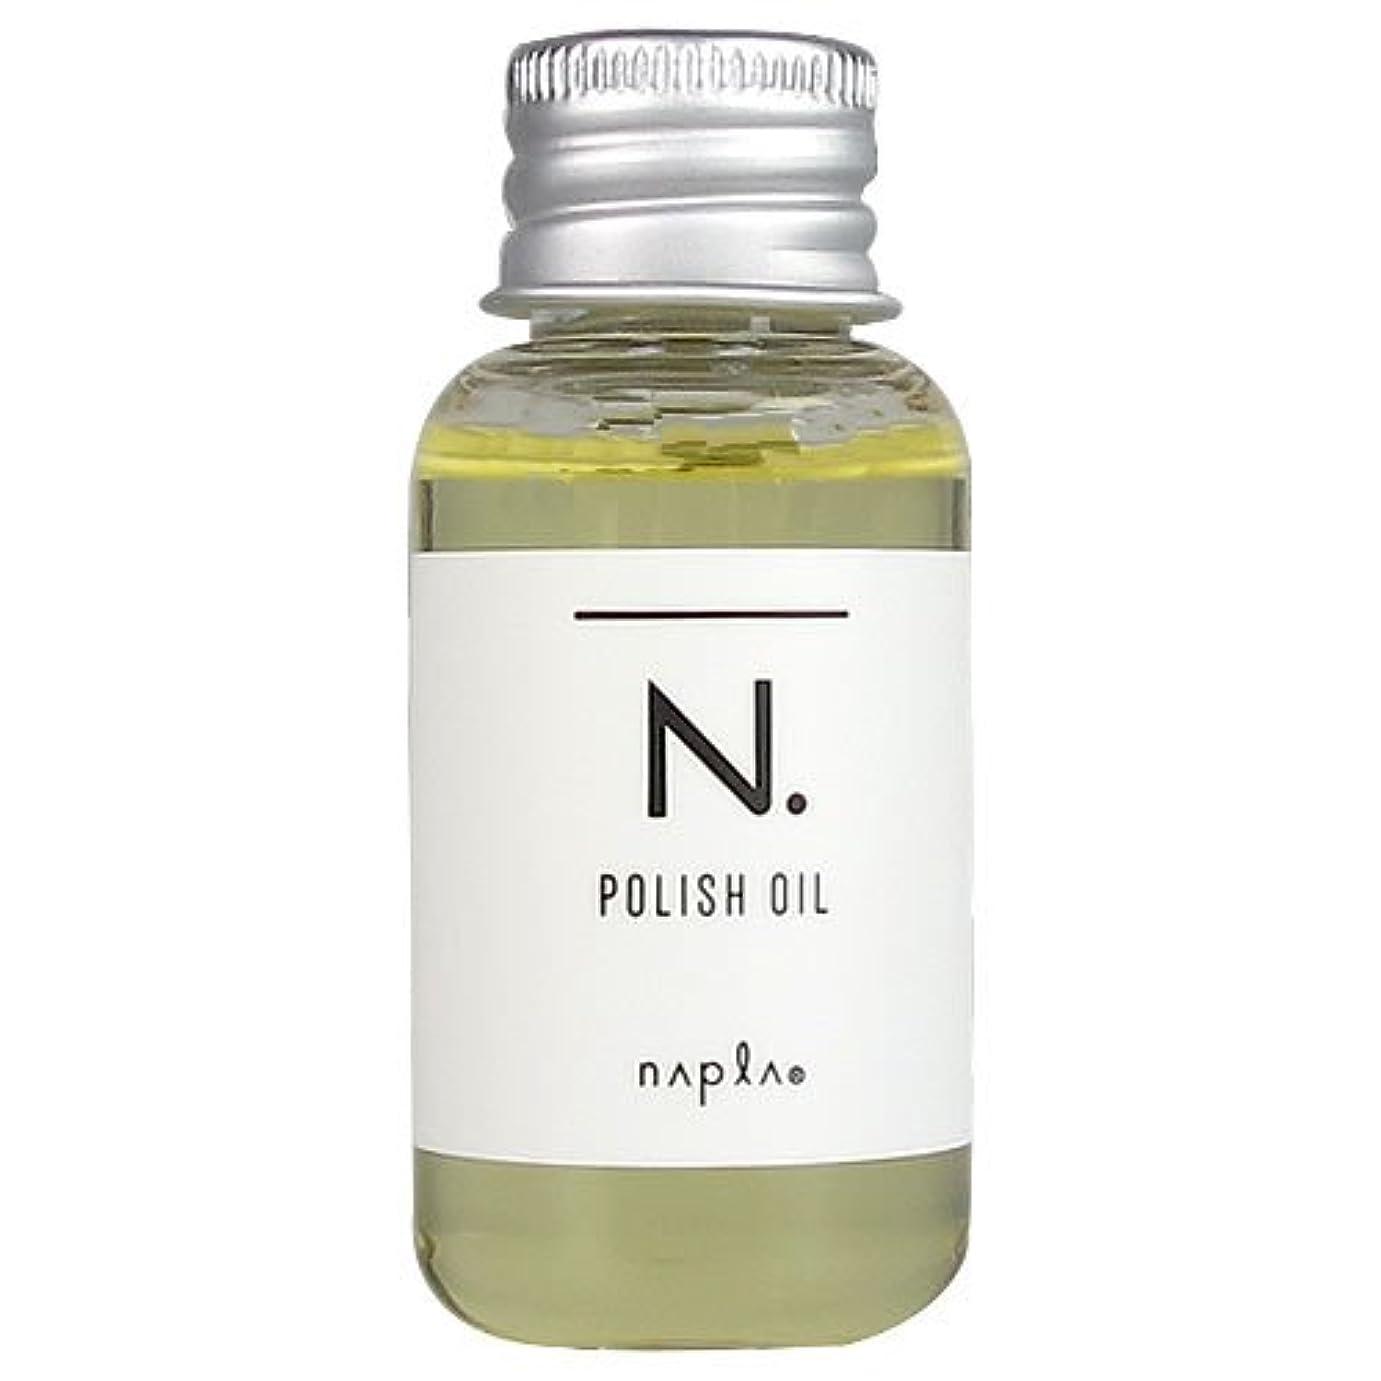 自動的に致命的なキャビンナプラ NAPLA N. ポリッシュオイル 30ml [並行輸入品]